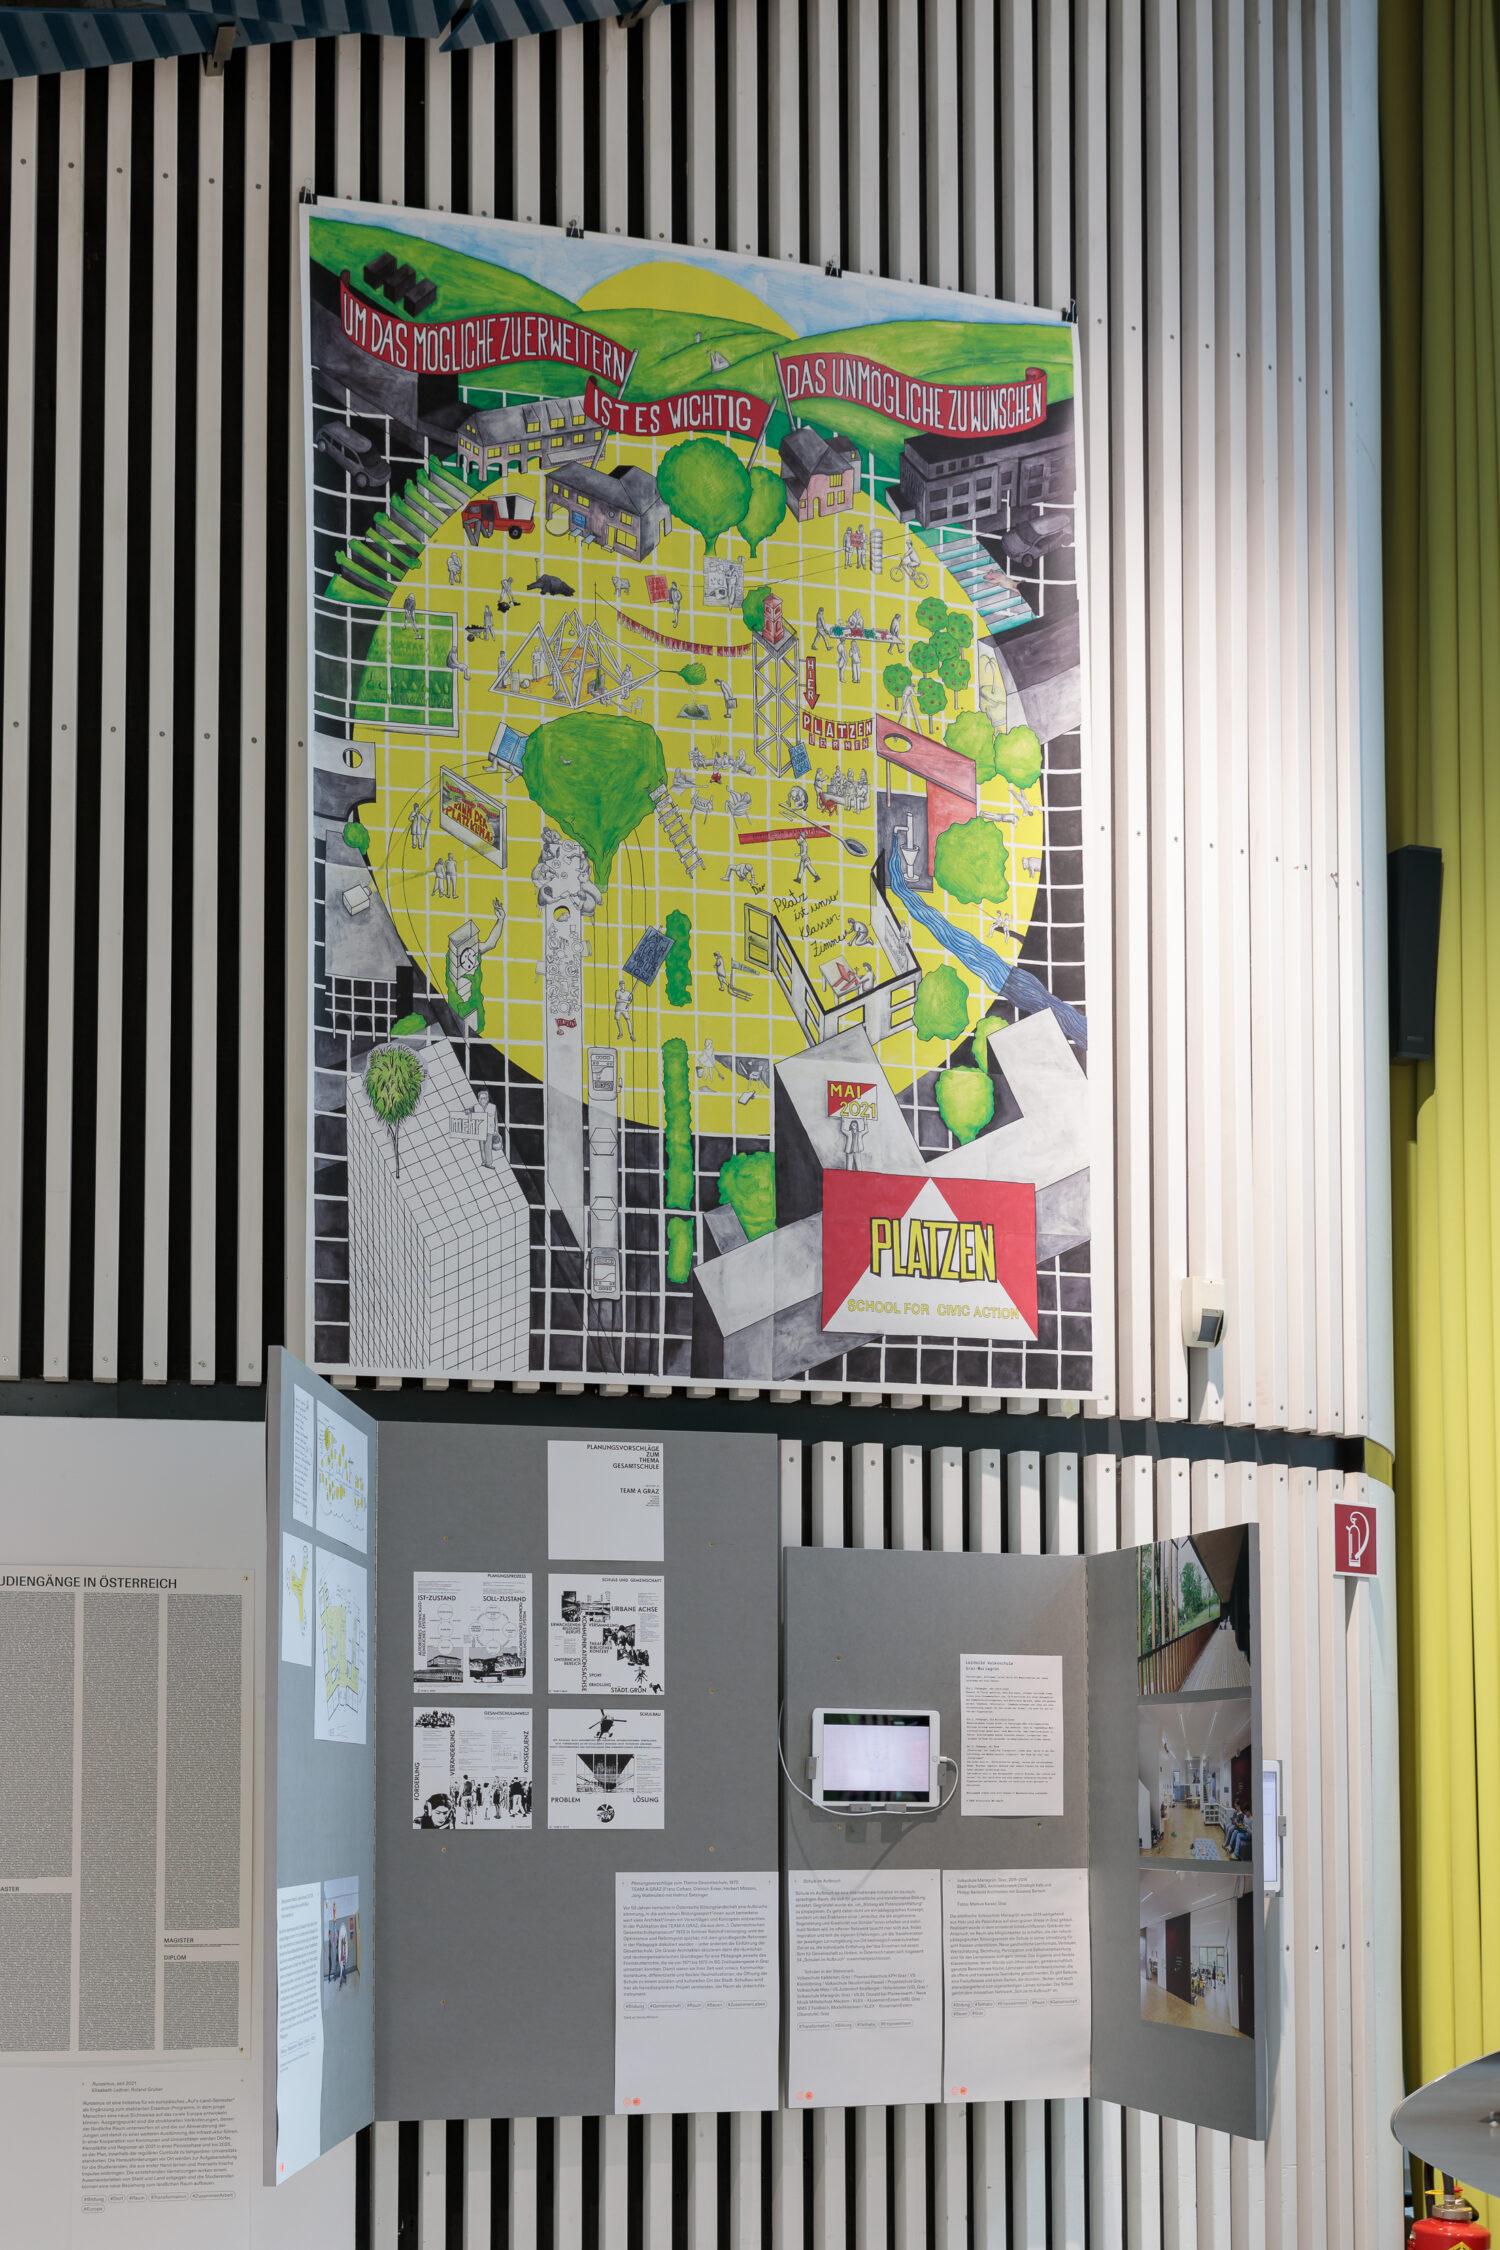 public works, PLATZEN – School for Civic Action, 2021 Ausstellungsansicht, Foto: Kunsthaus Graz/N. Lackner